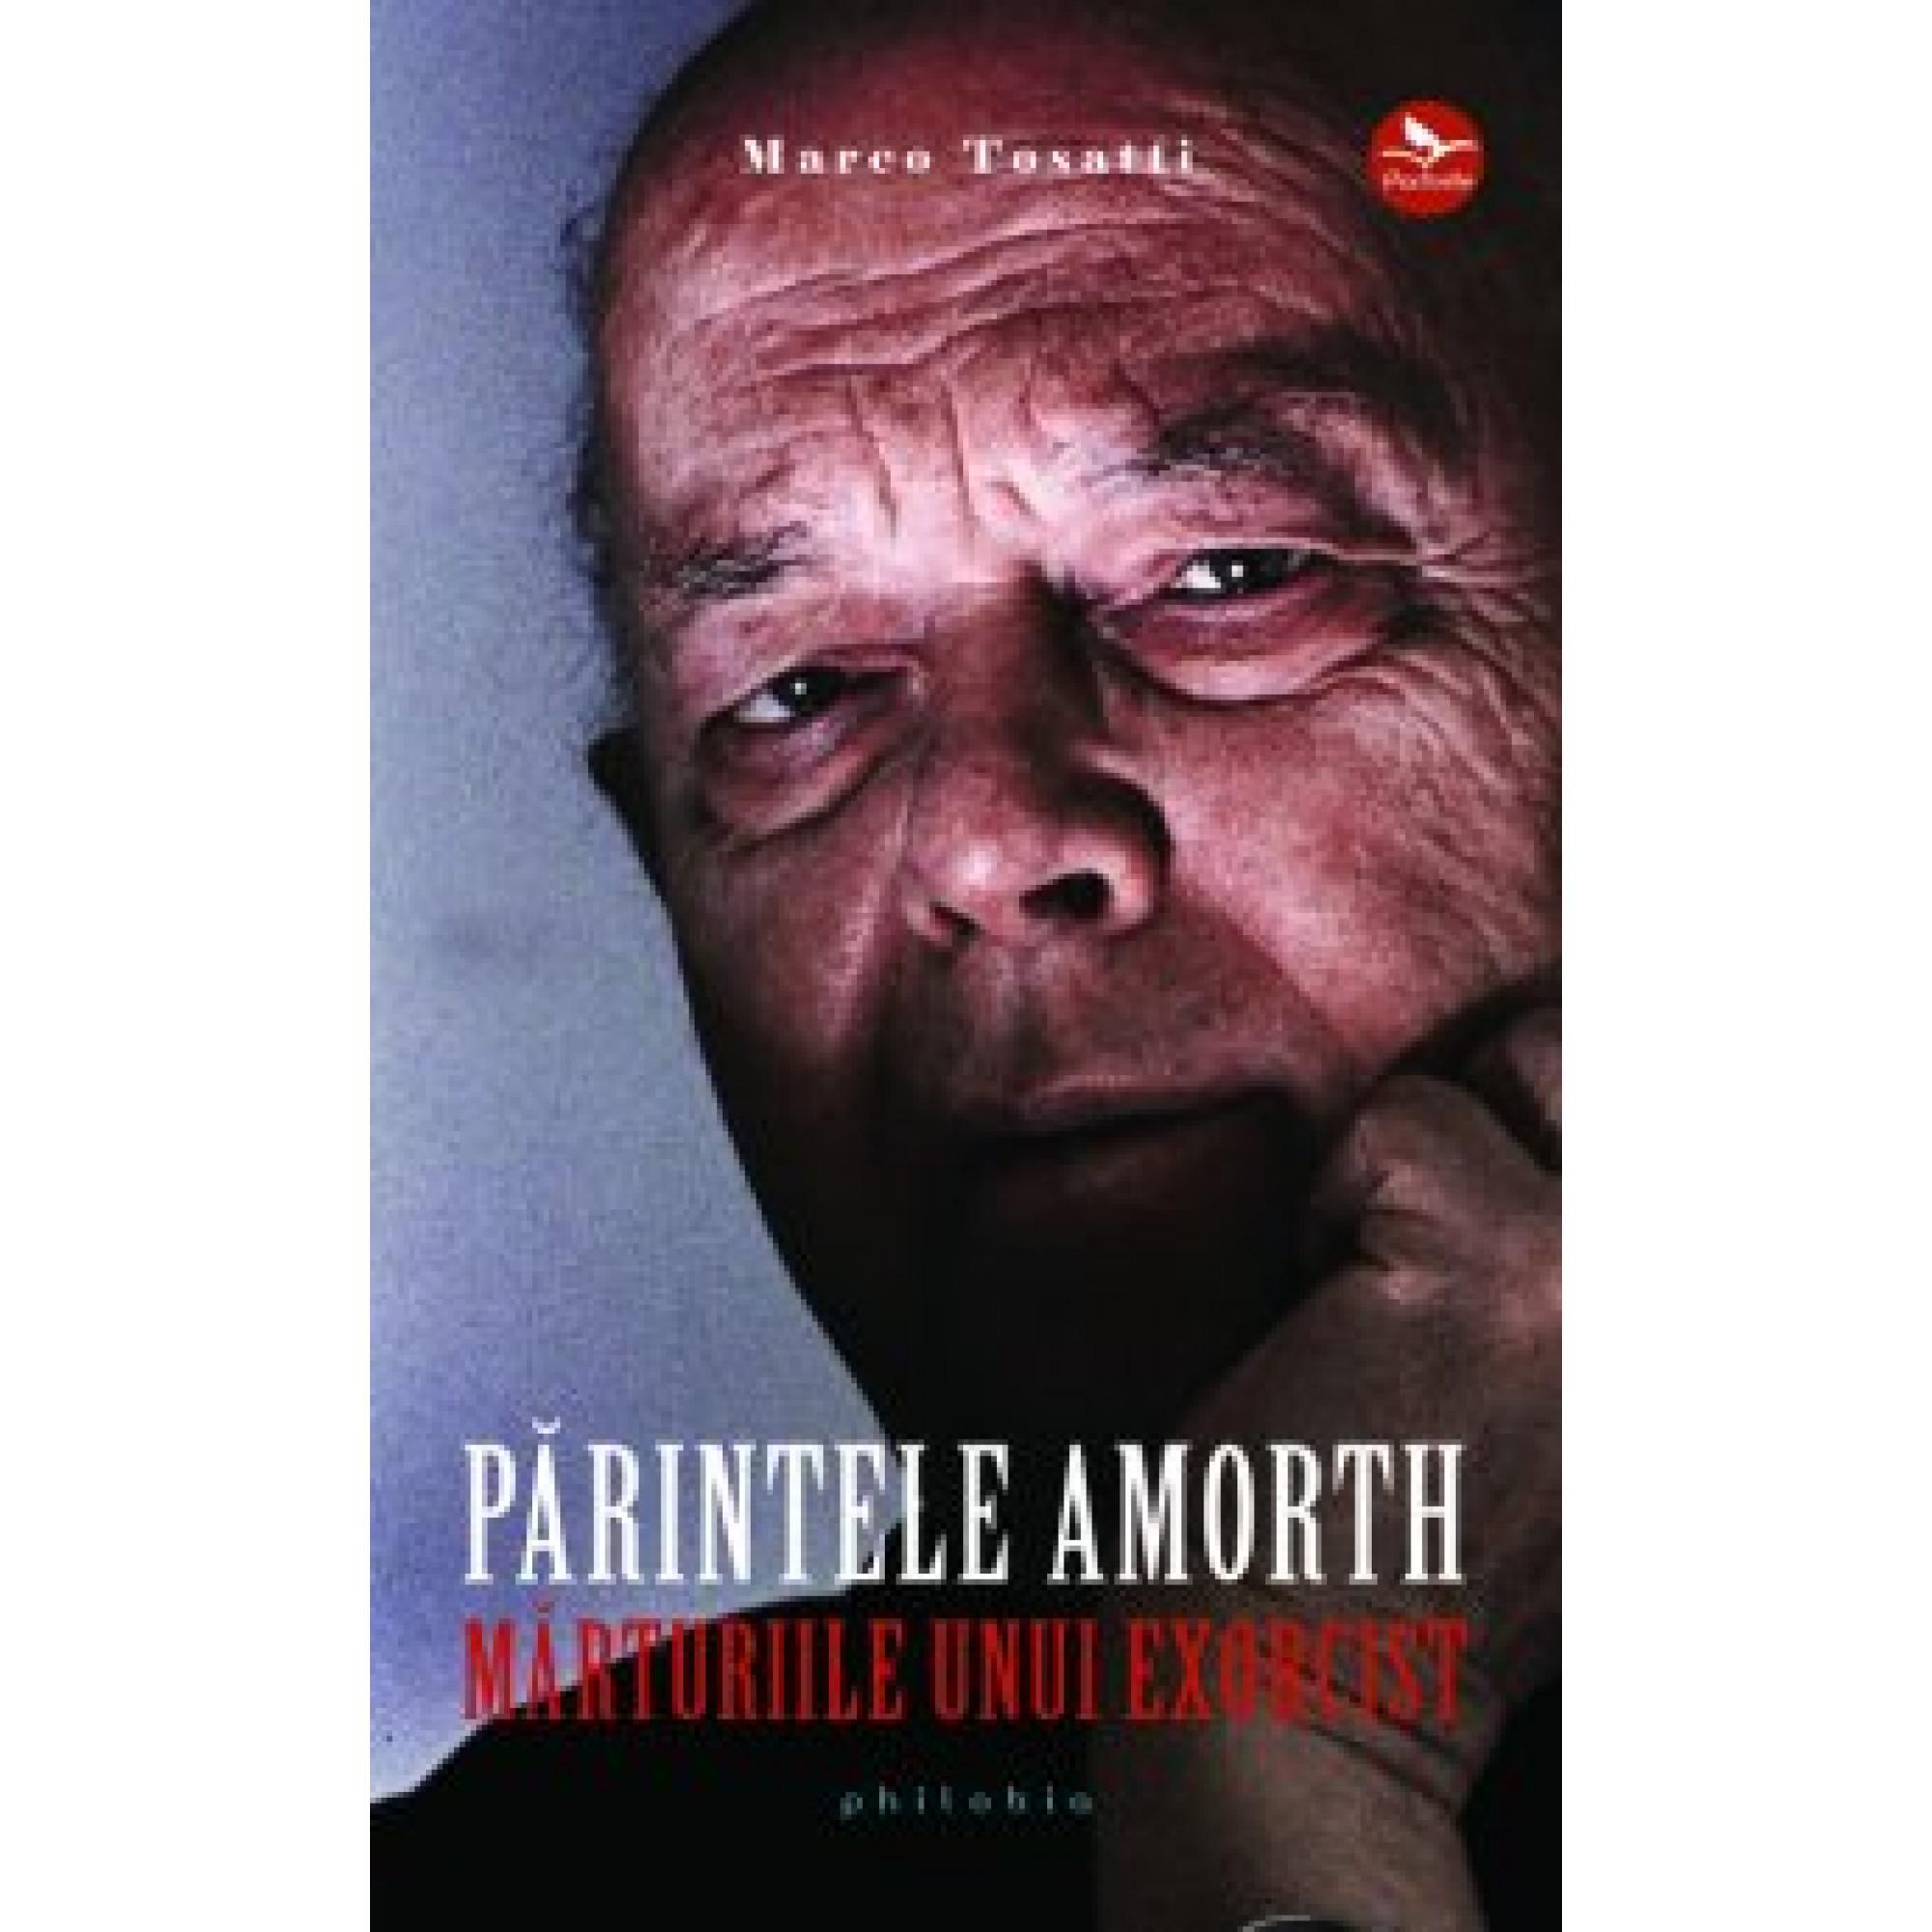 Părintele Amorth. Mărturiile unui exorcist